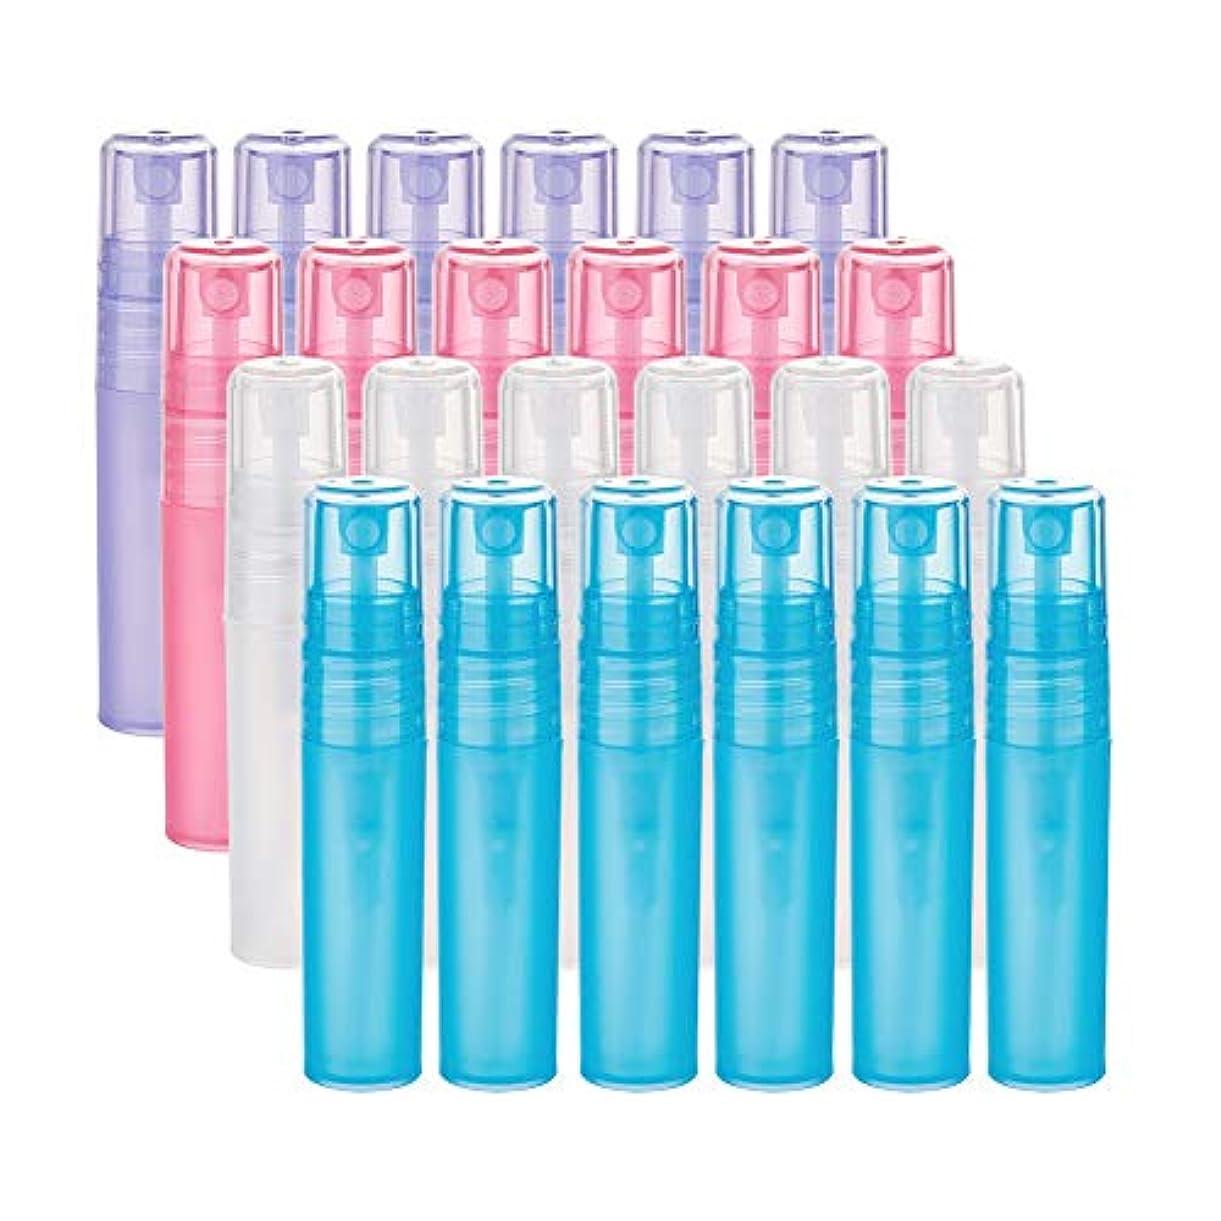 キャップ微視的洗剤BENECREAT 24個セット5ml香水スプレーボトル 4種色 プラスティック製 極細ミスト 香水 化粧水 コスメ小分けボトル 詰め替え